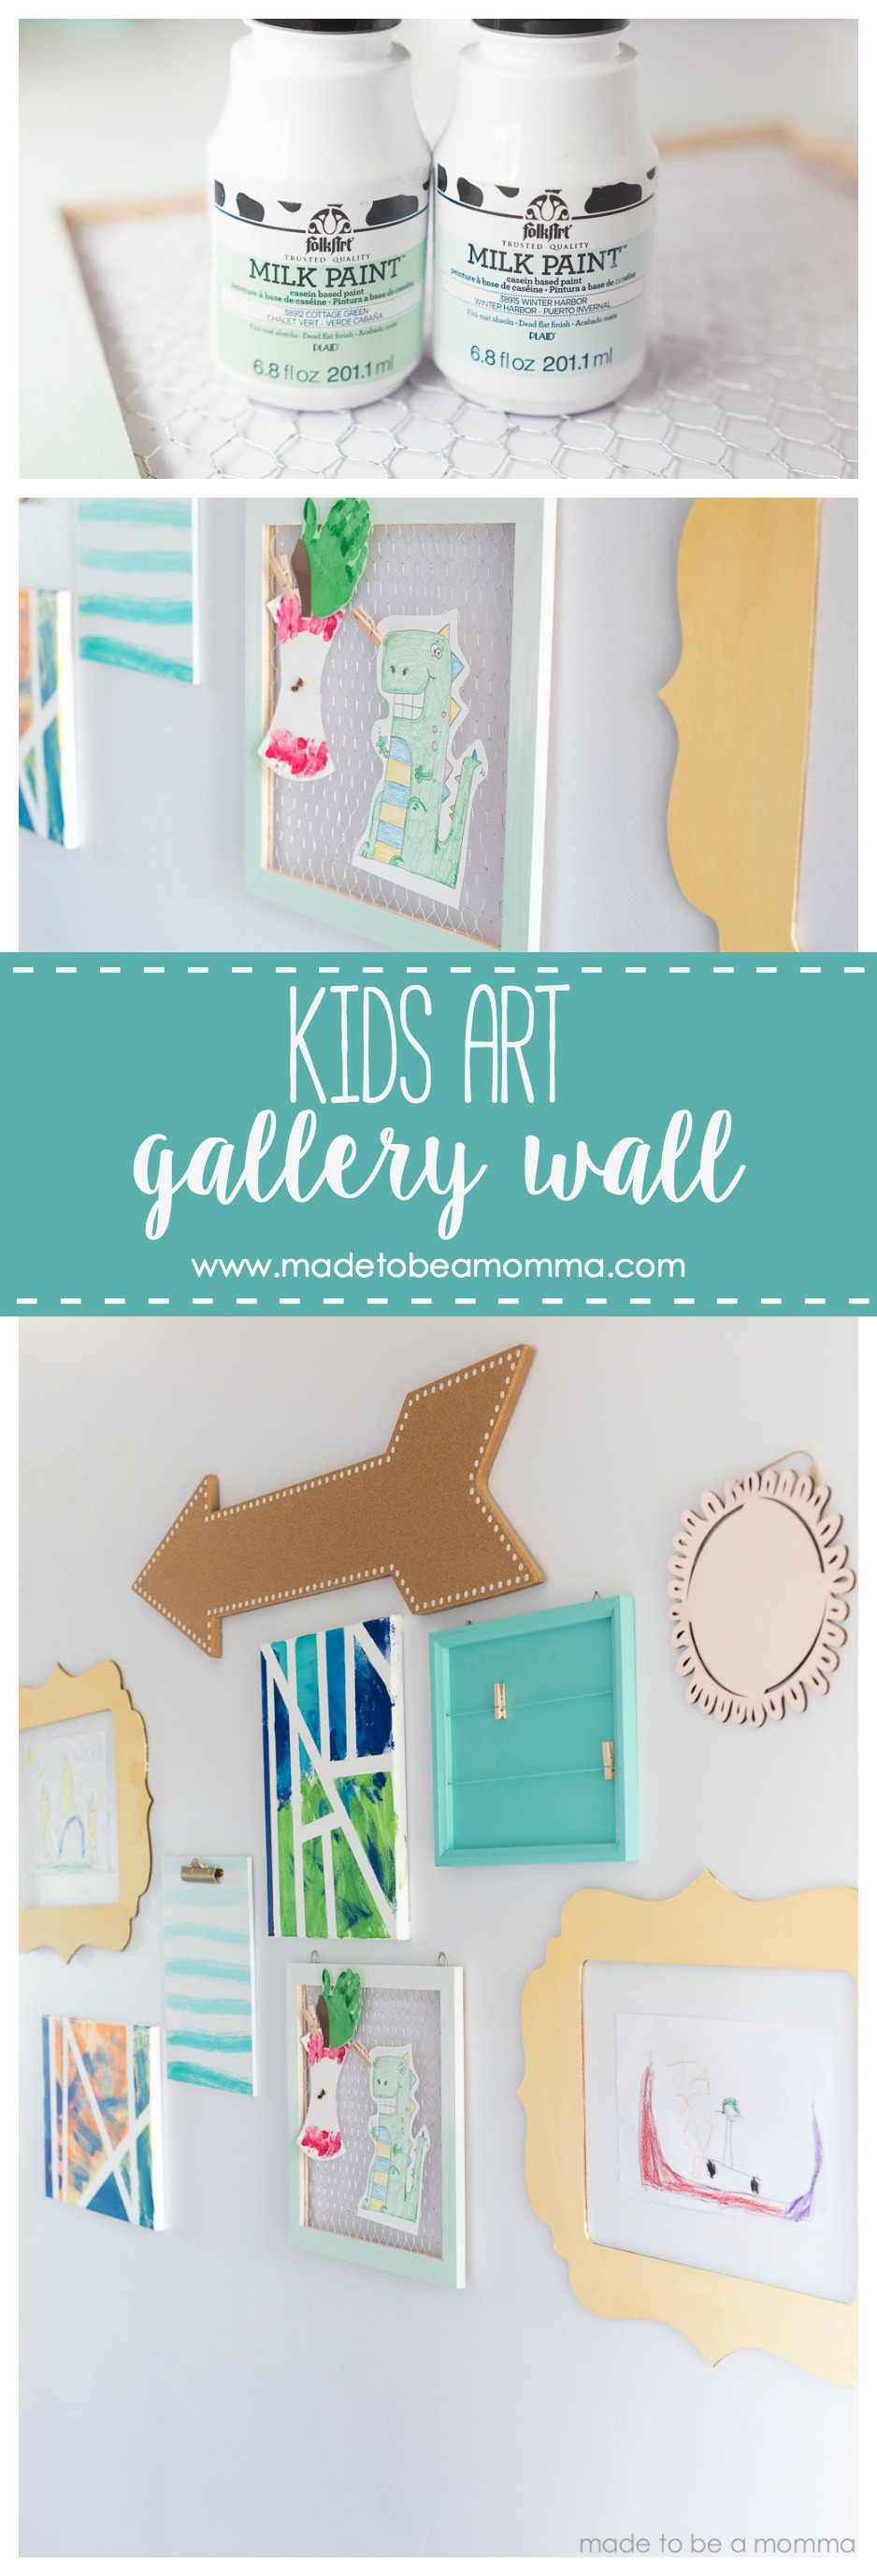 Kids Art Gallery Wall